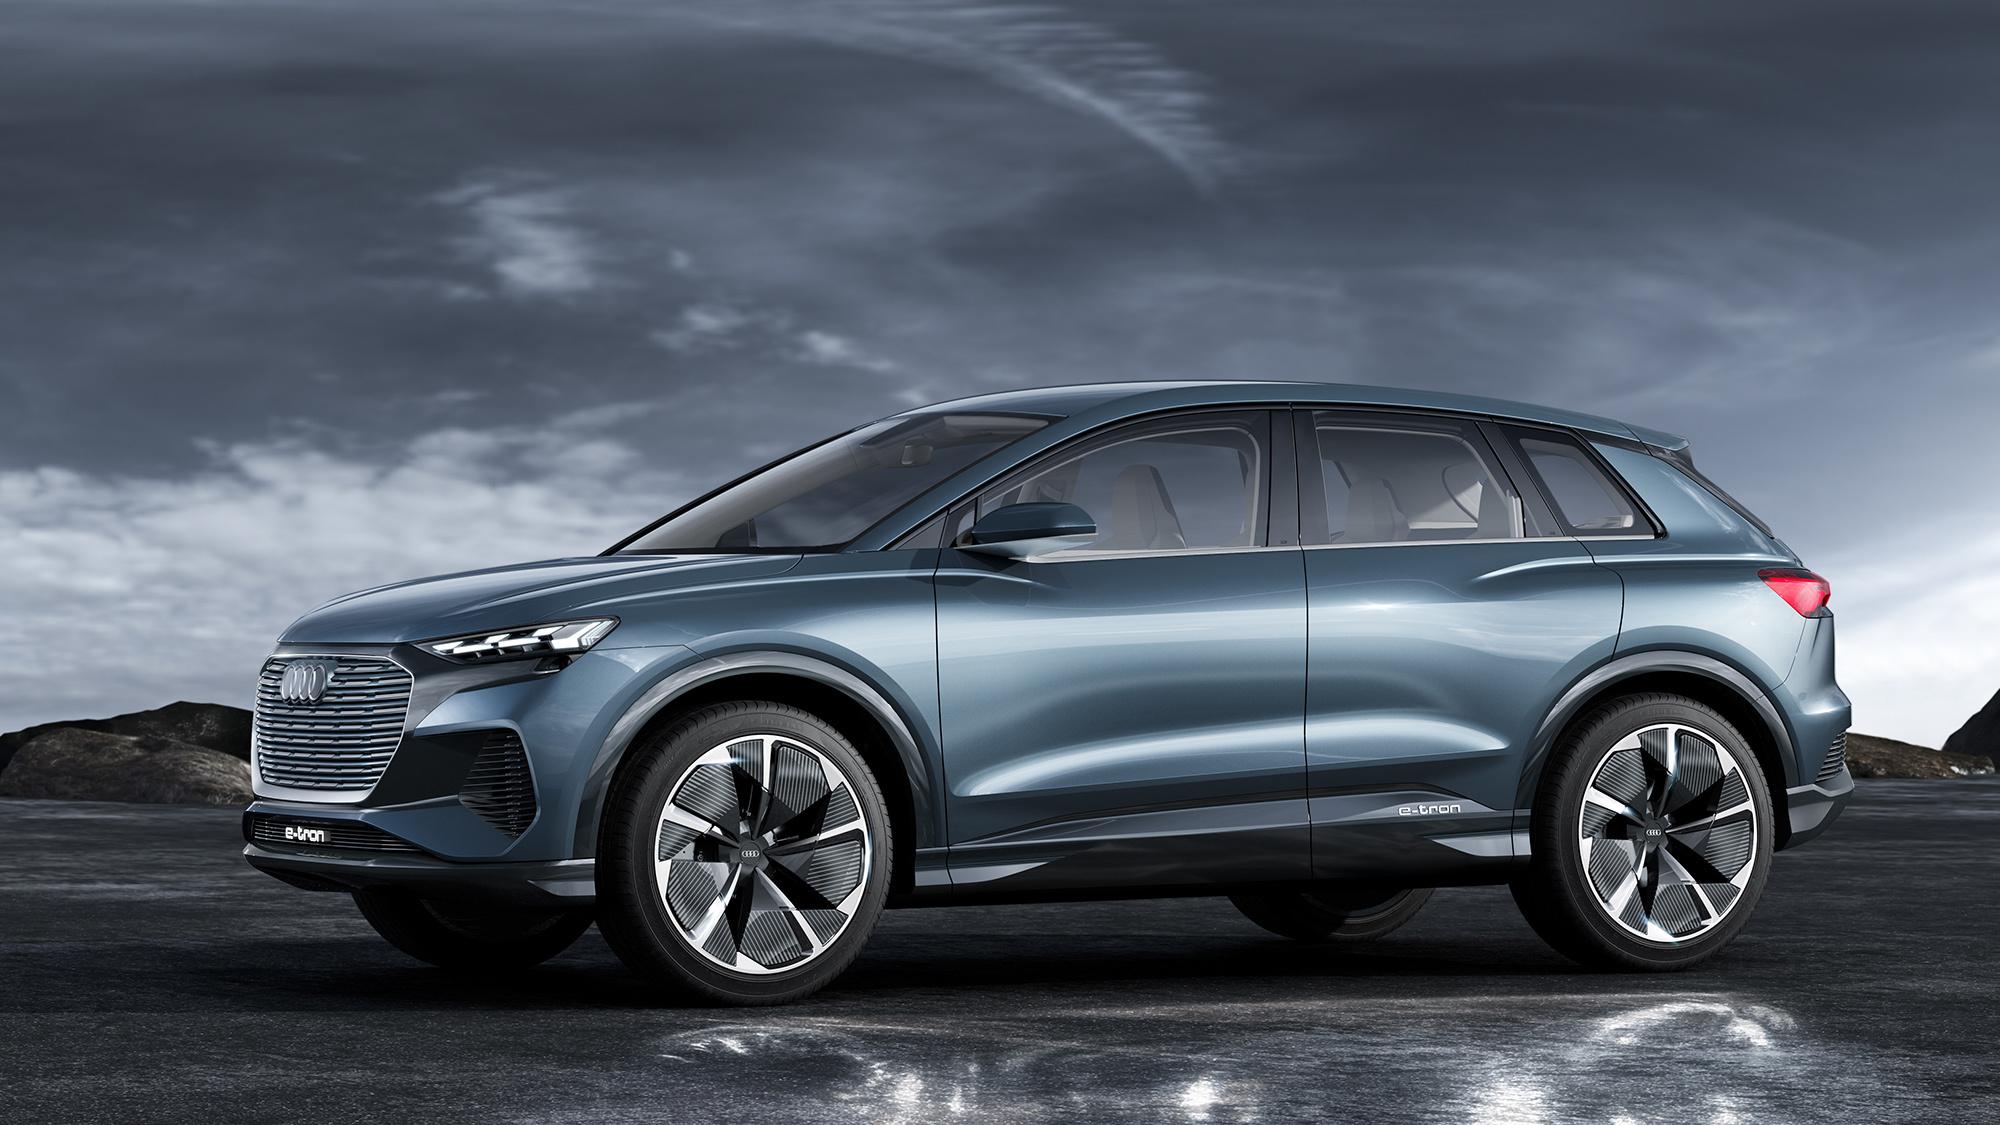 Pokupateli Audi Q4 e tron poluchat polnuyu svobodu vybora